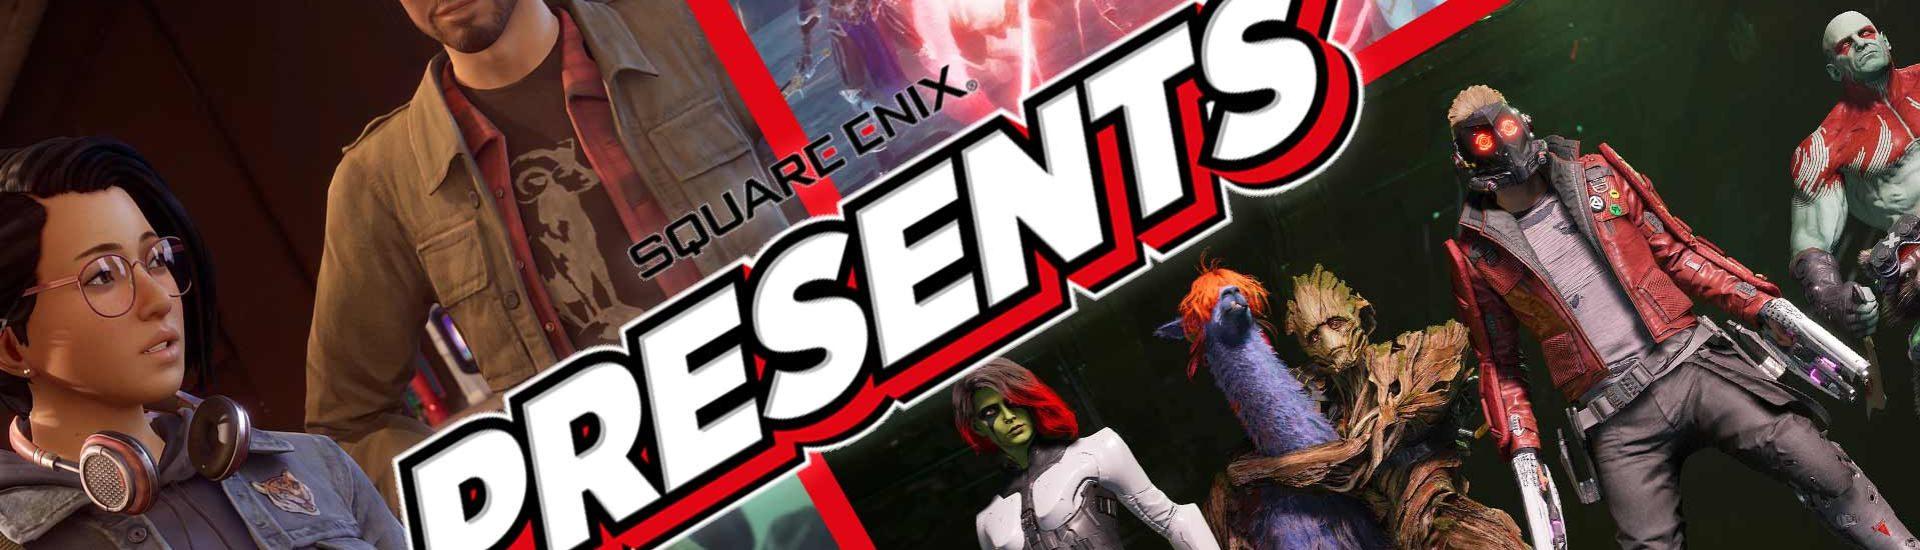 E3: Square Enix Presents – alle Ankündigungen im Überblick